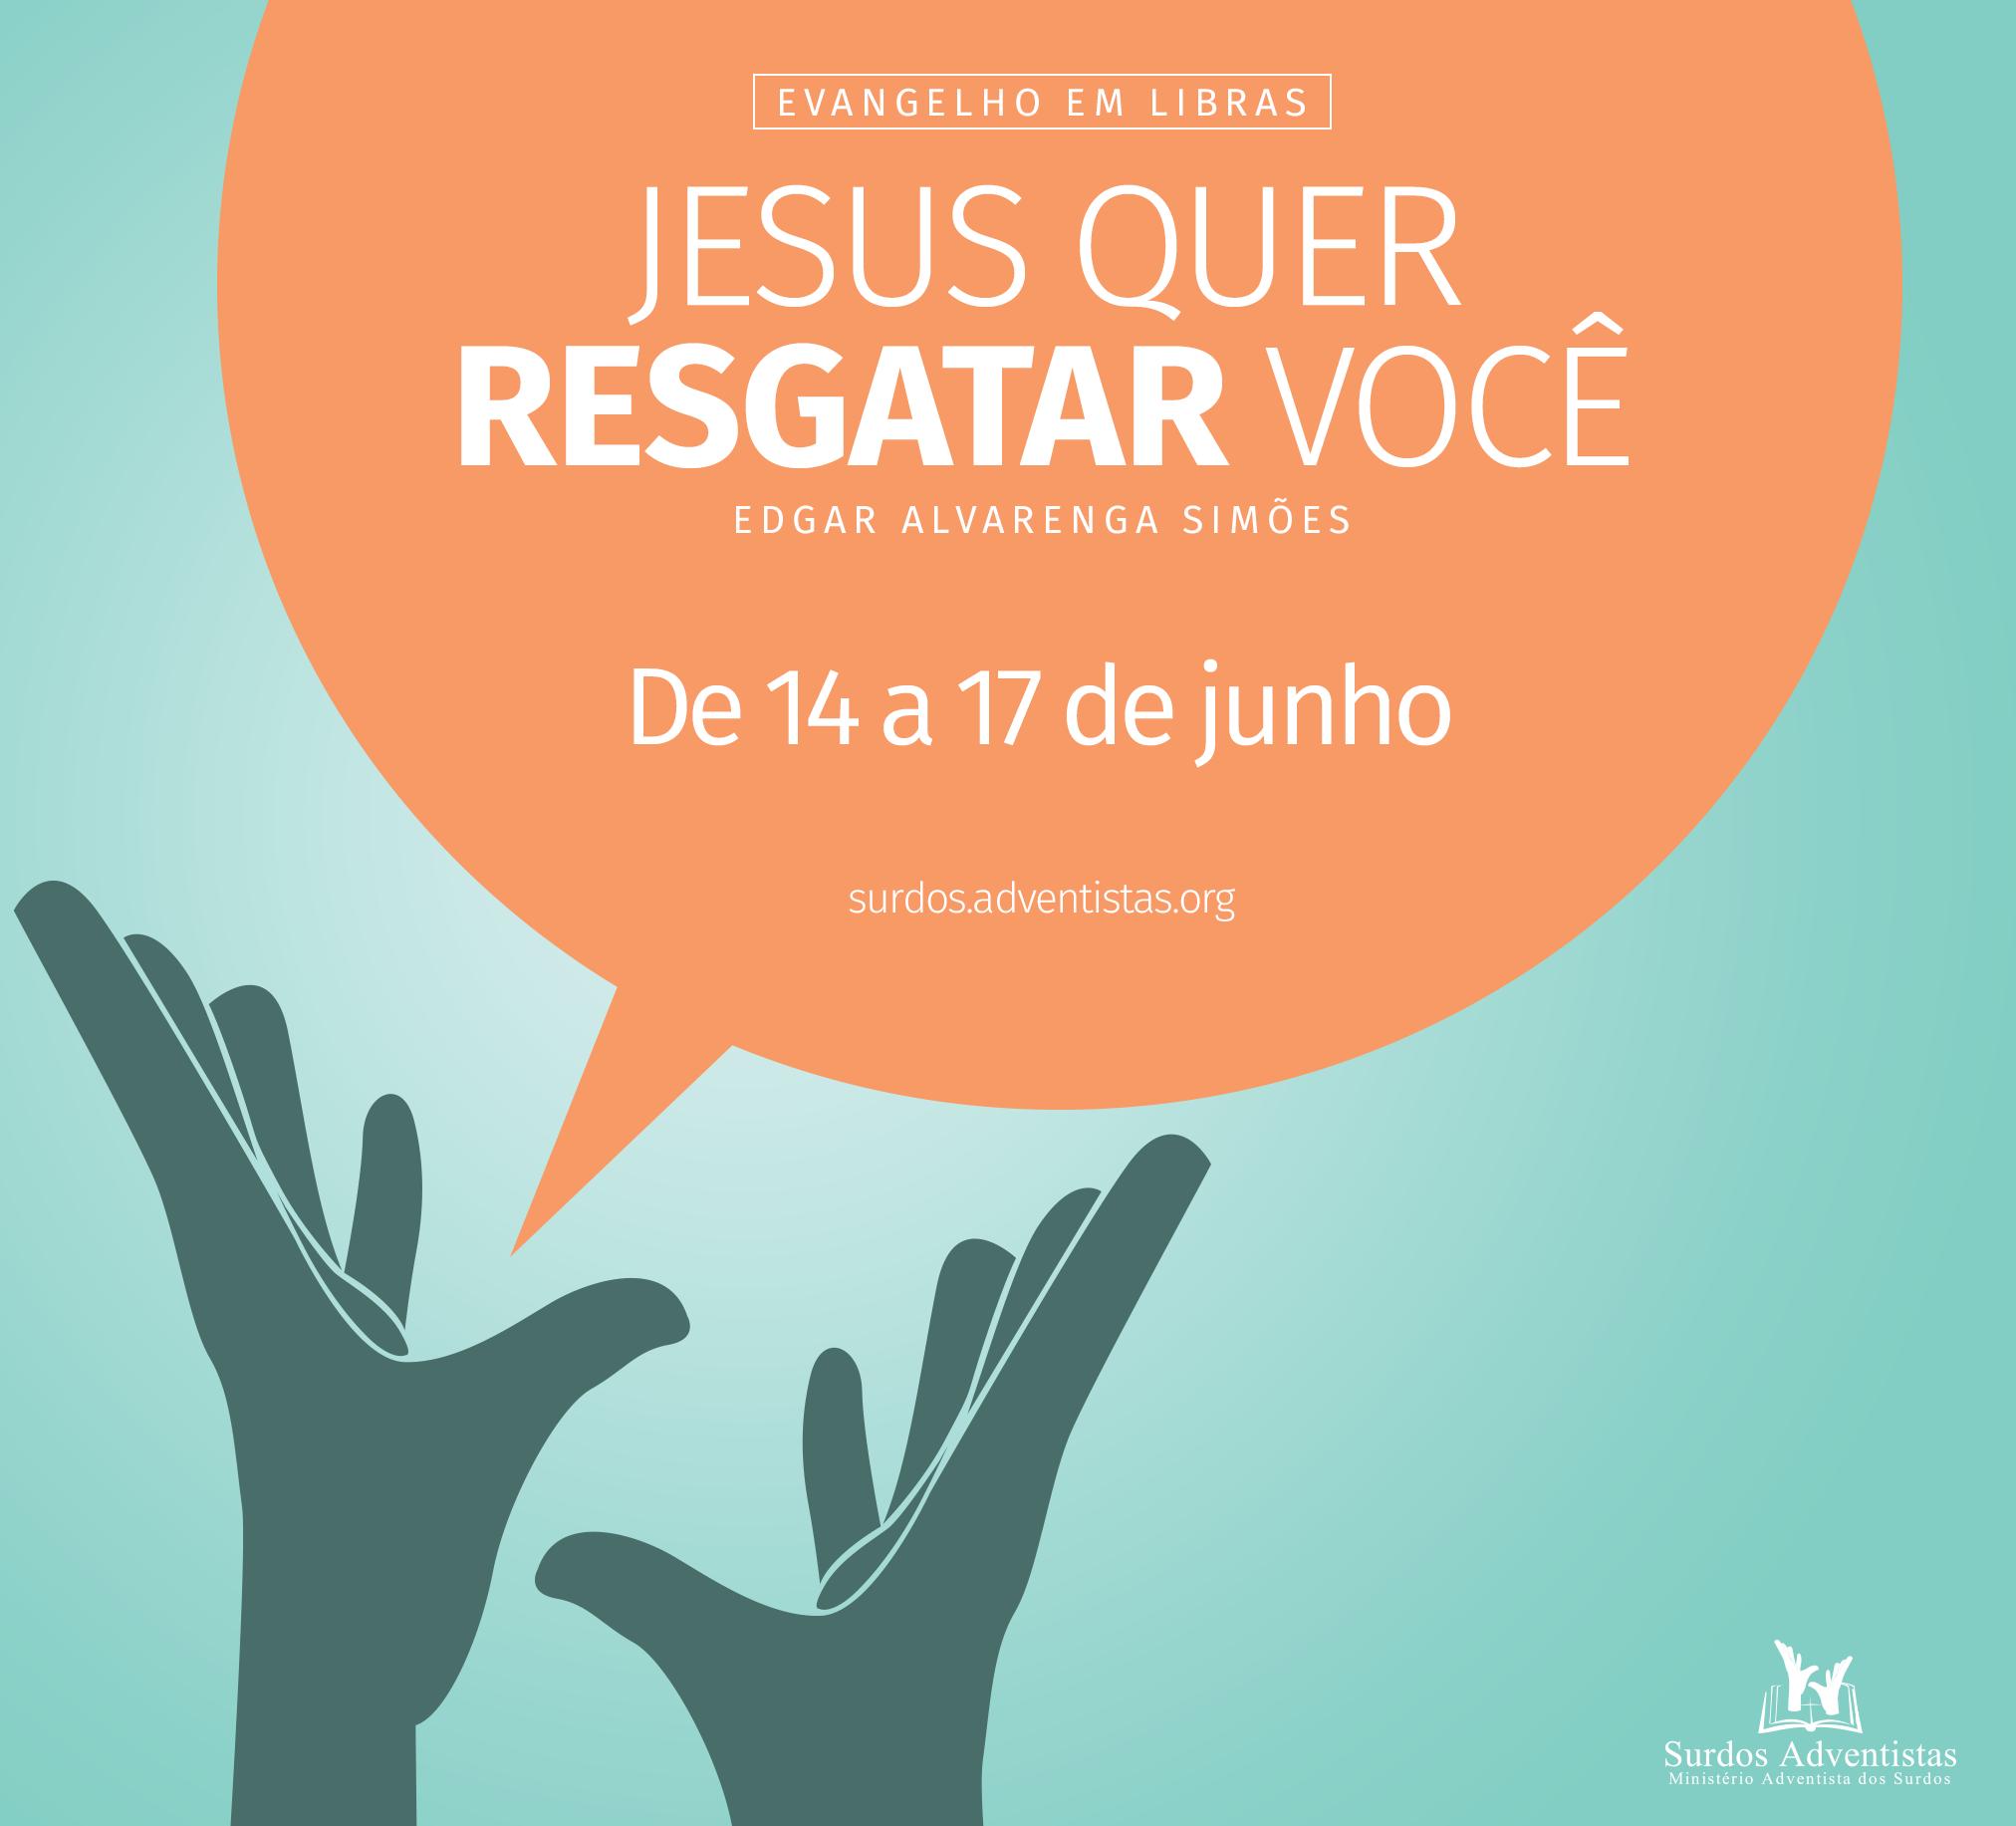 #Evangelibras é uma programação online, que apresenta o Evangelho em LIBRAS